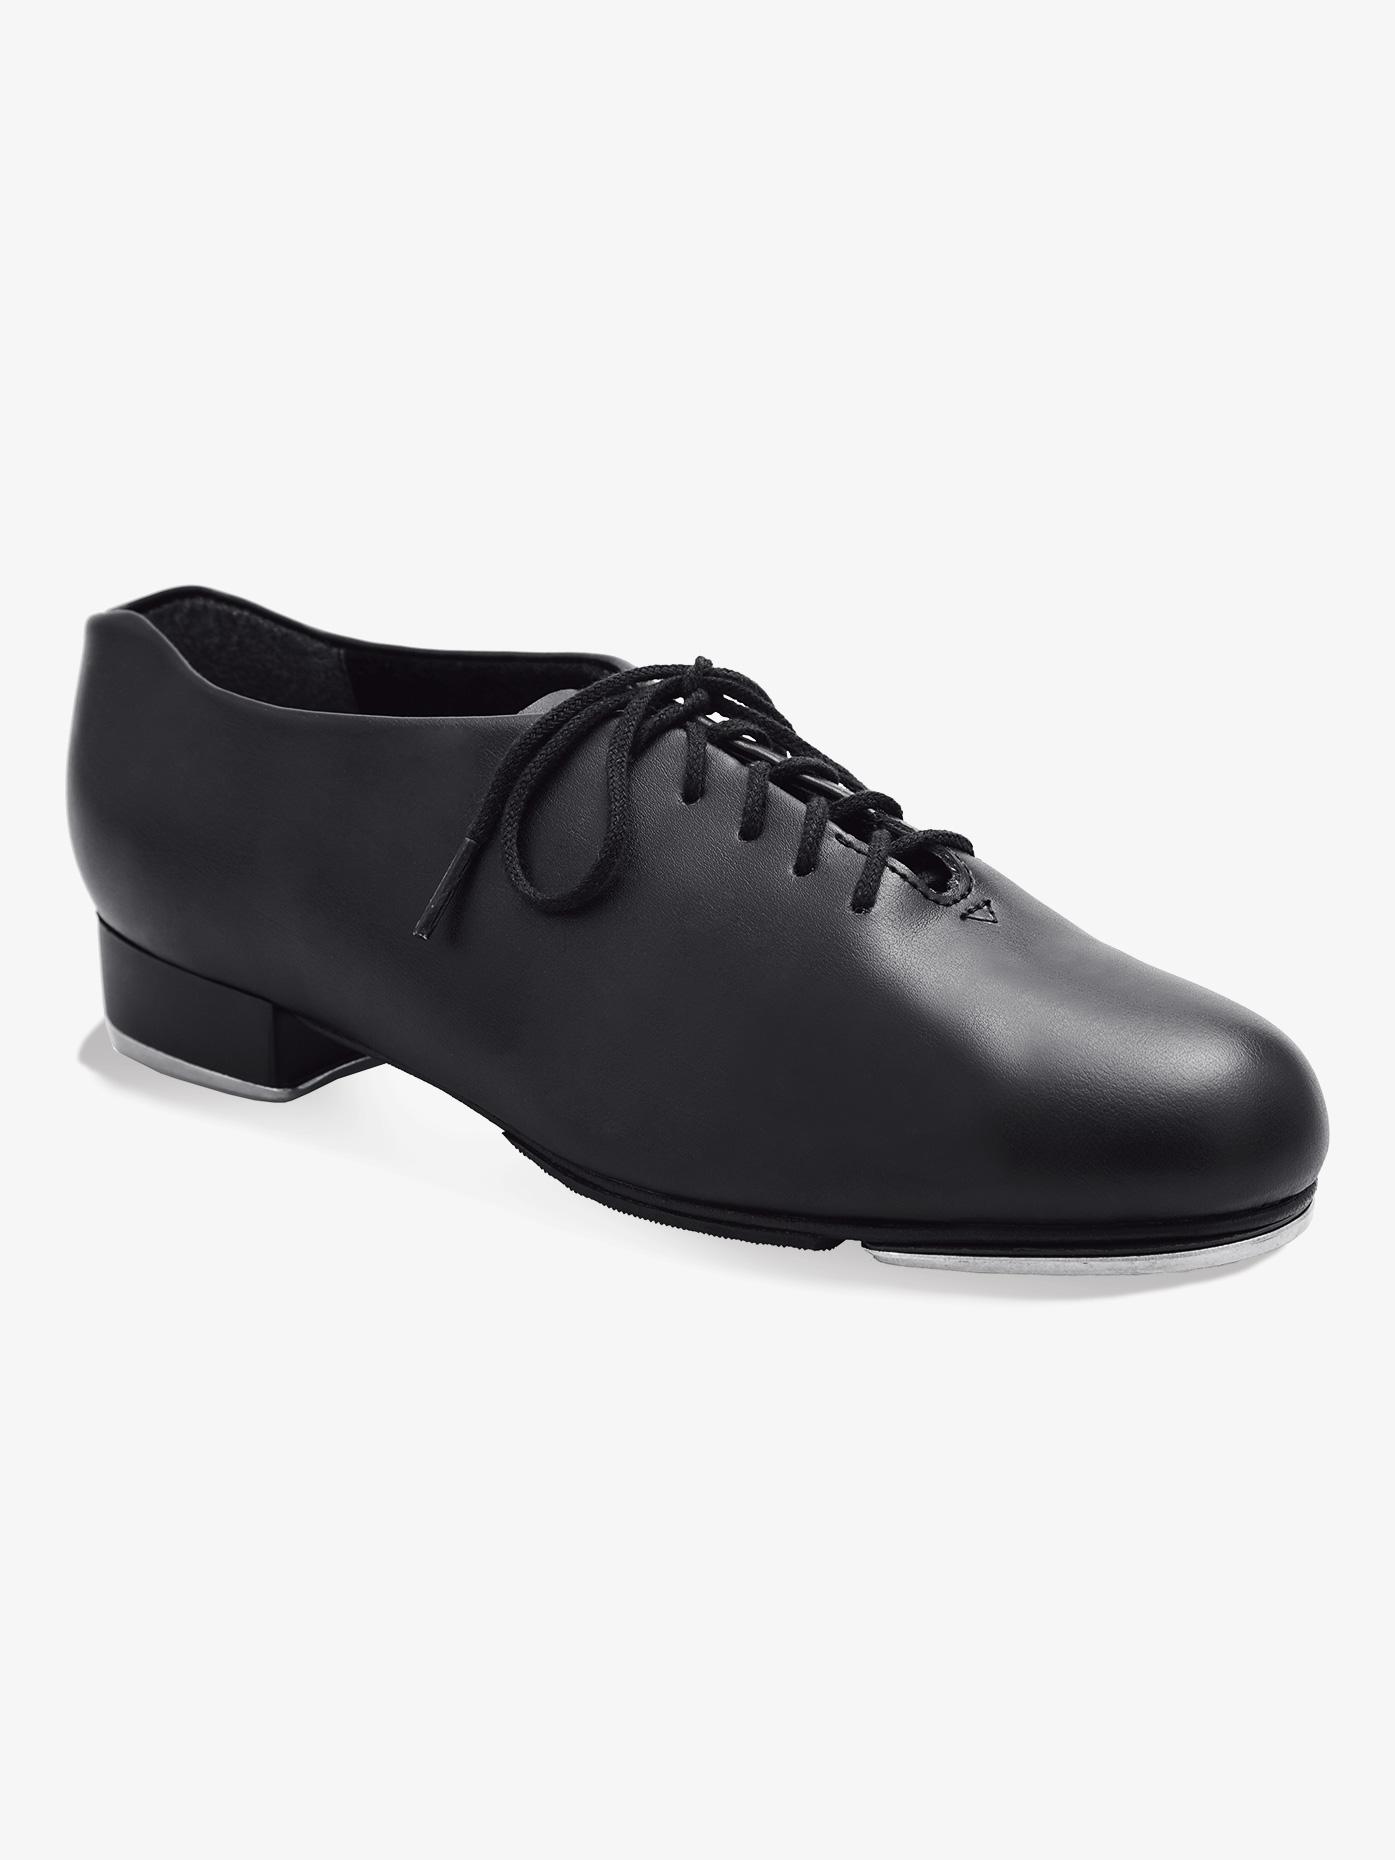 Capezio Child Tic Tap Toe Lace-Up Tap Shoes 443C